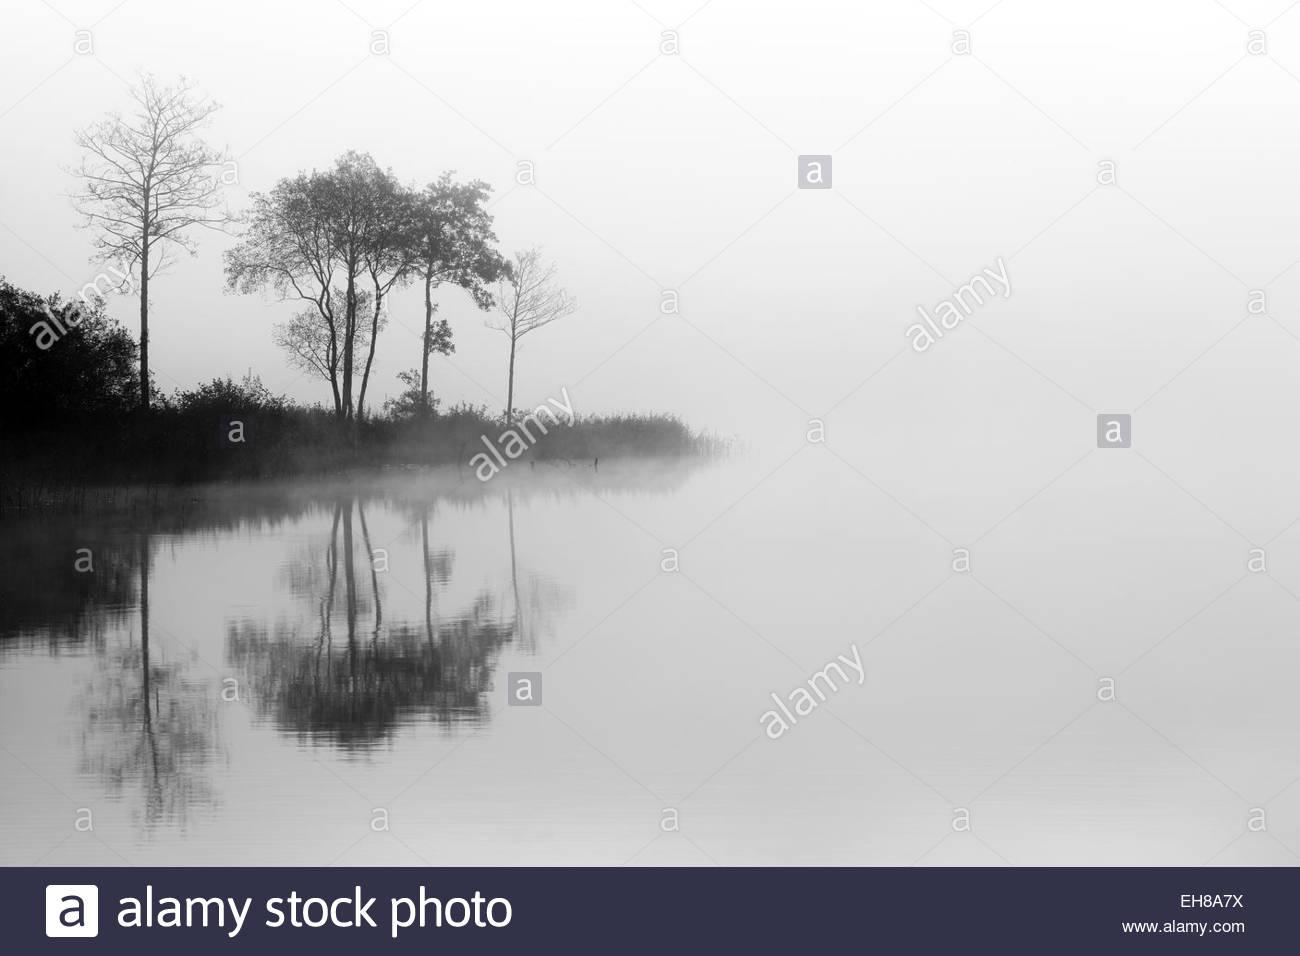 Loch Ard alberi nella nebbia riflettendo sull'acqua. Stirlingshire, Scozia Immagini Stock